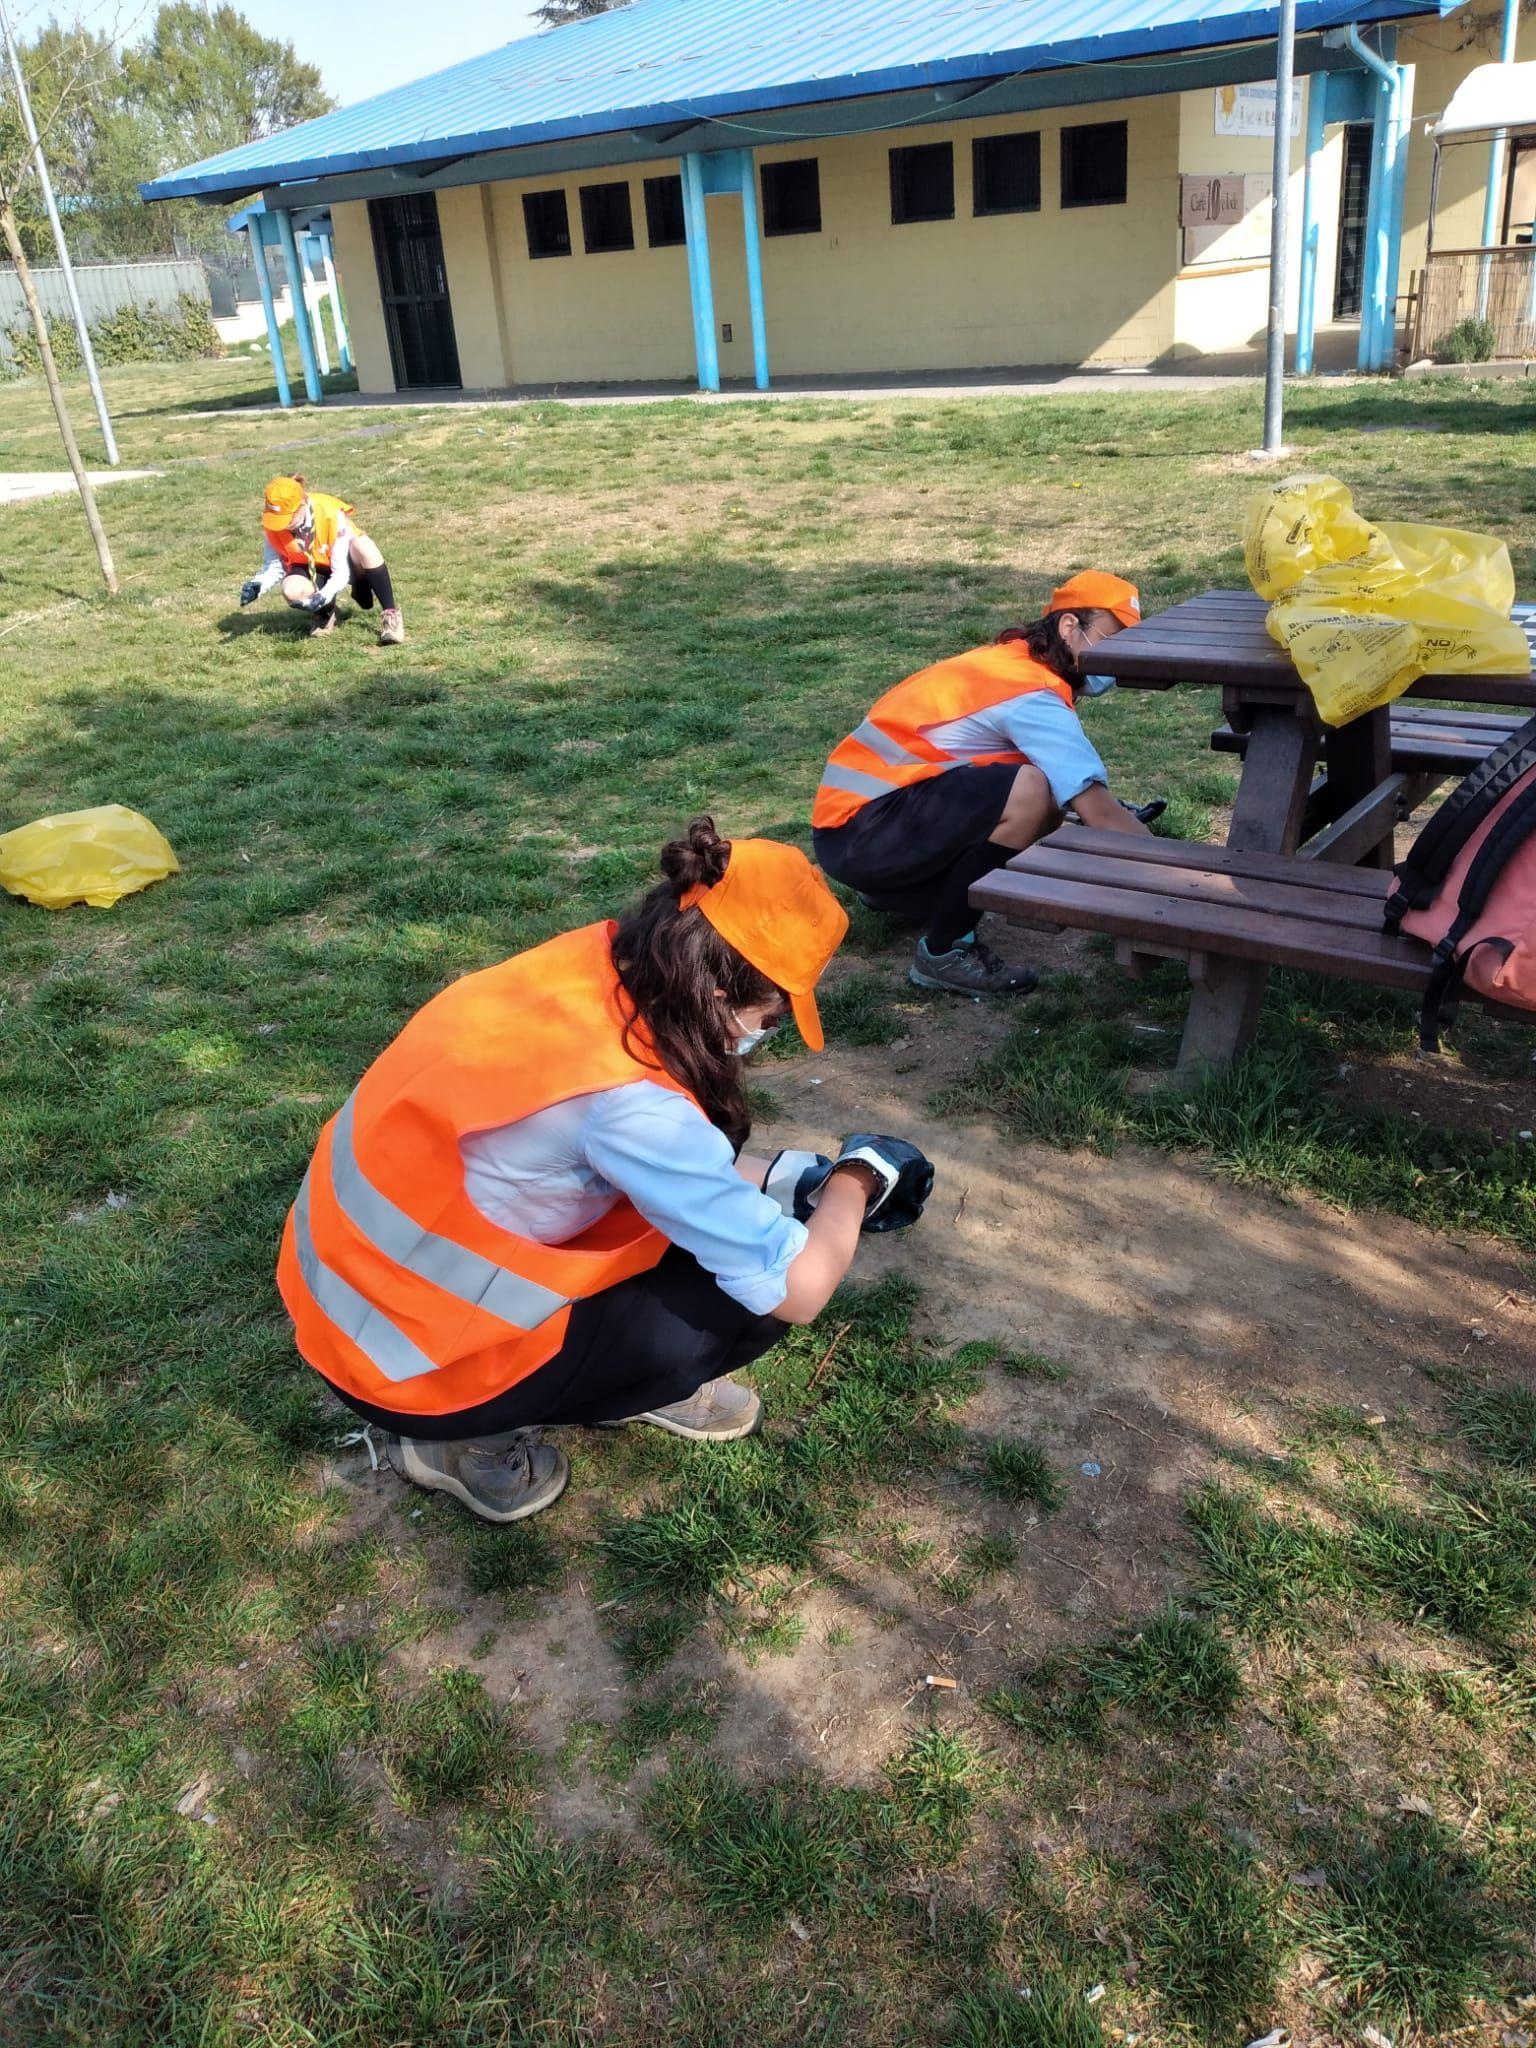 NICHELINO - Mozziconi, plastiche e cartacce raccolti dalla strada dai piccoli volontari